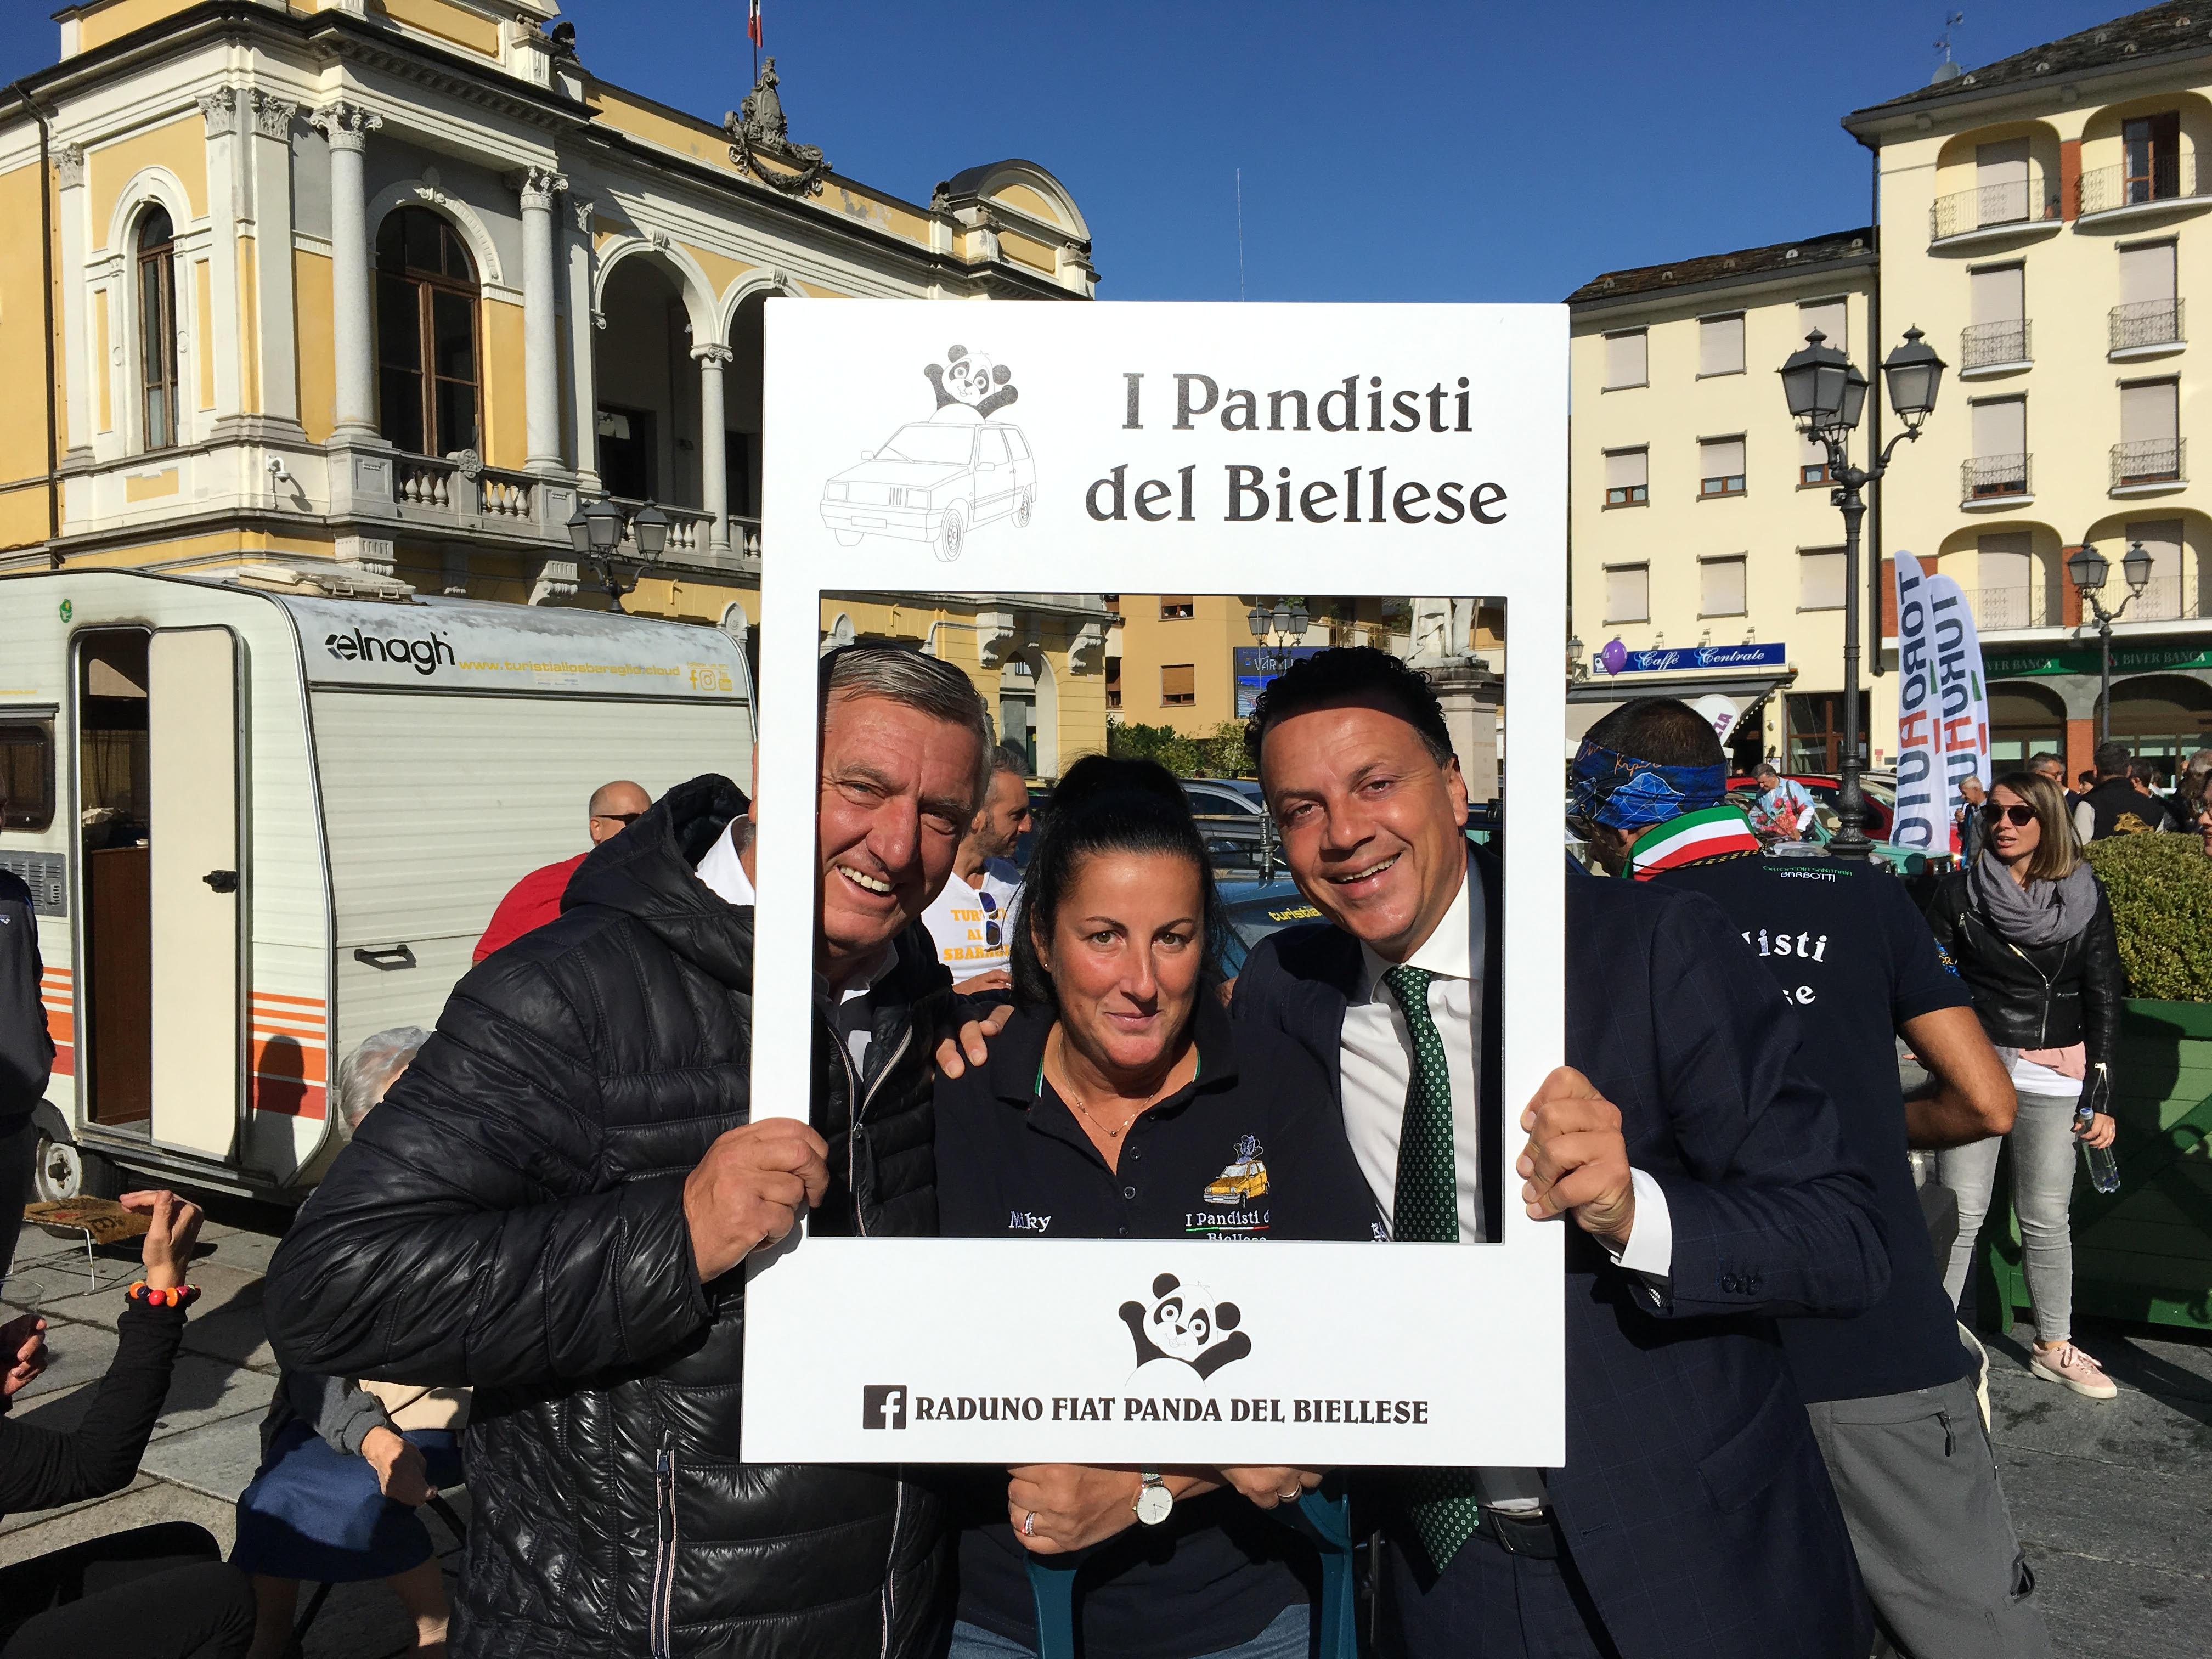 Pandisti del Biellese a Varallo